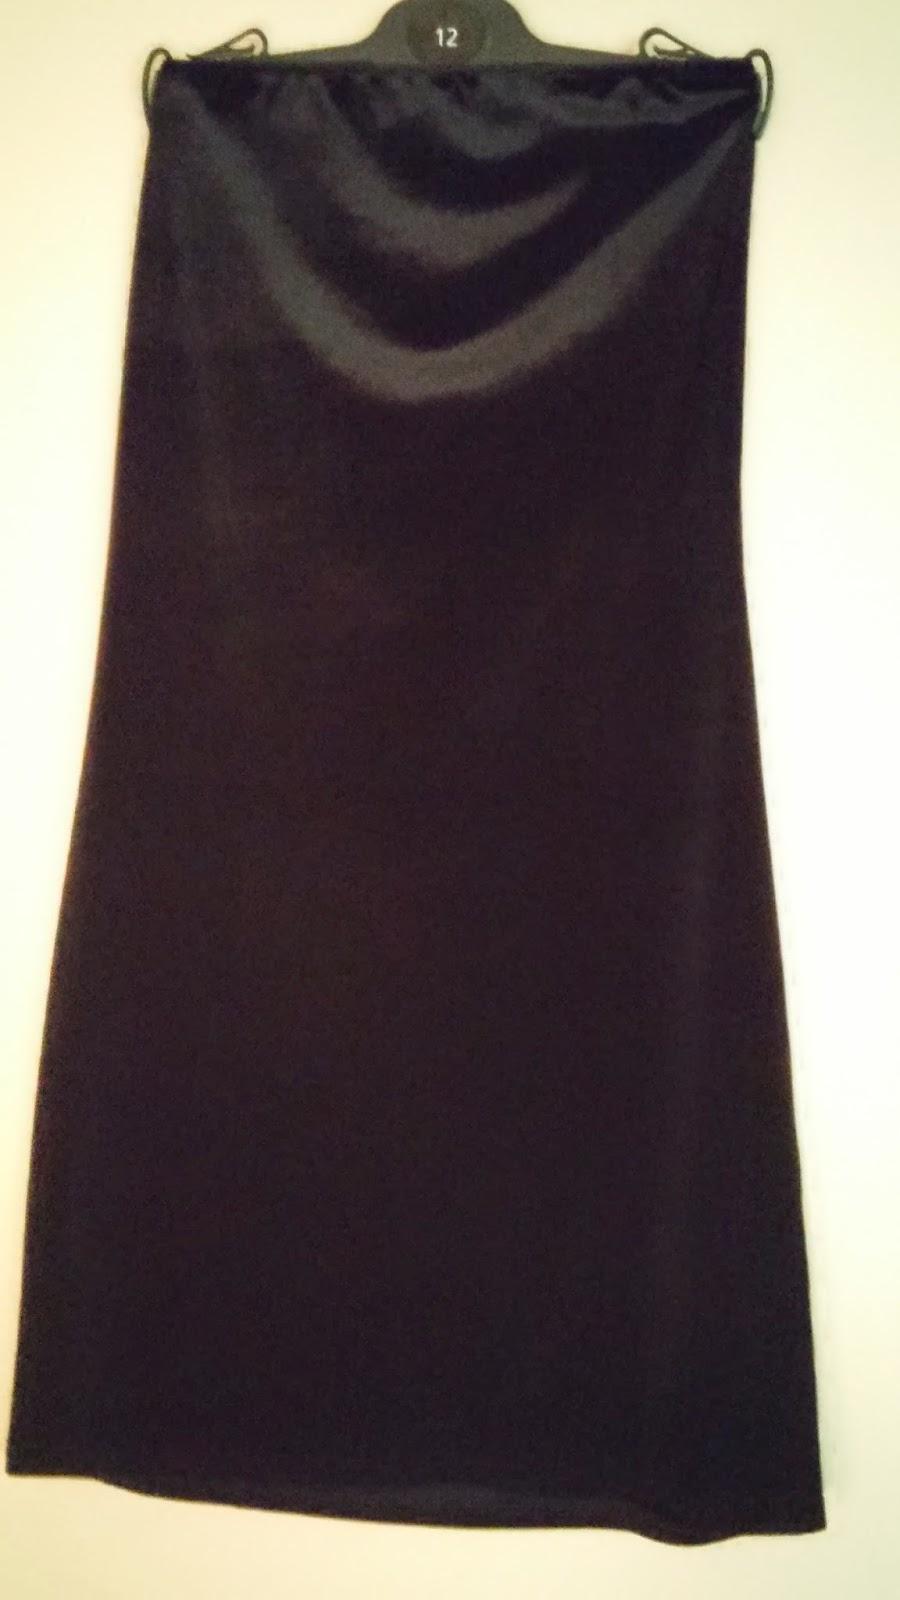 http://www.ark.co.uk/product/ark-comet-velvet-dress/171756